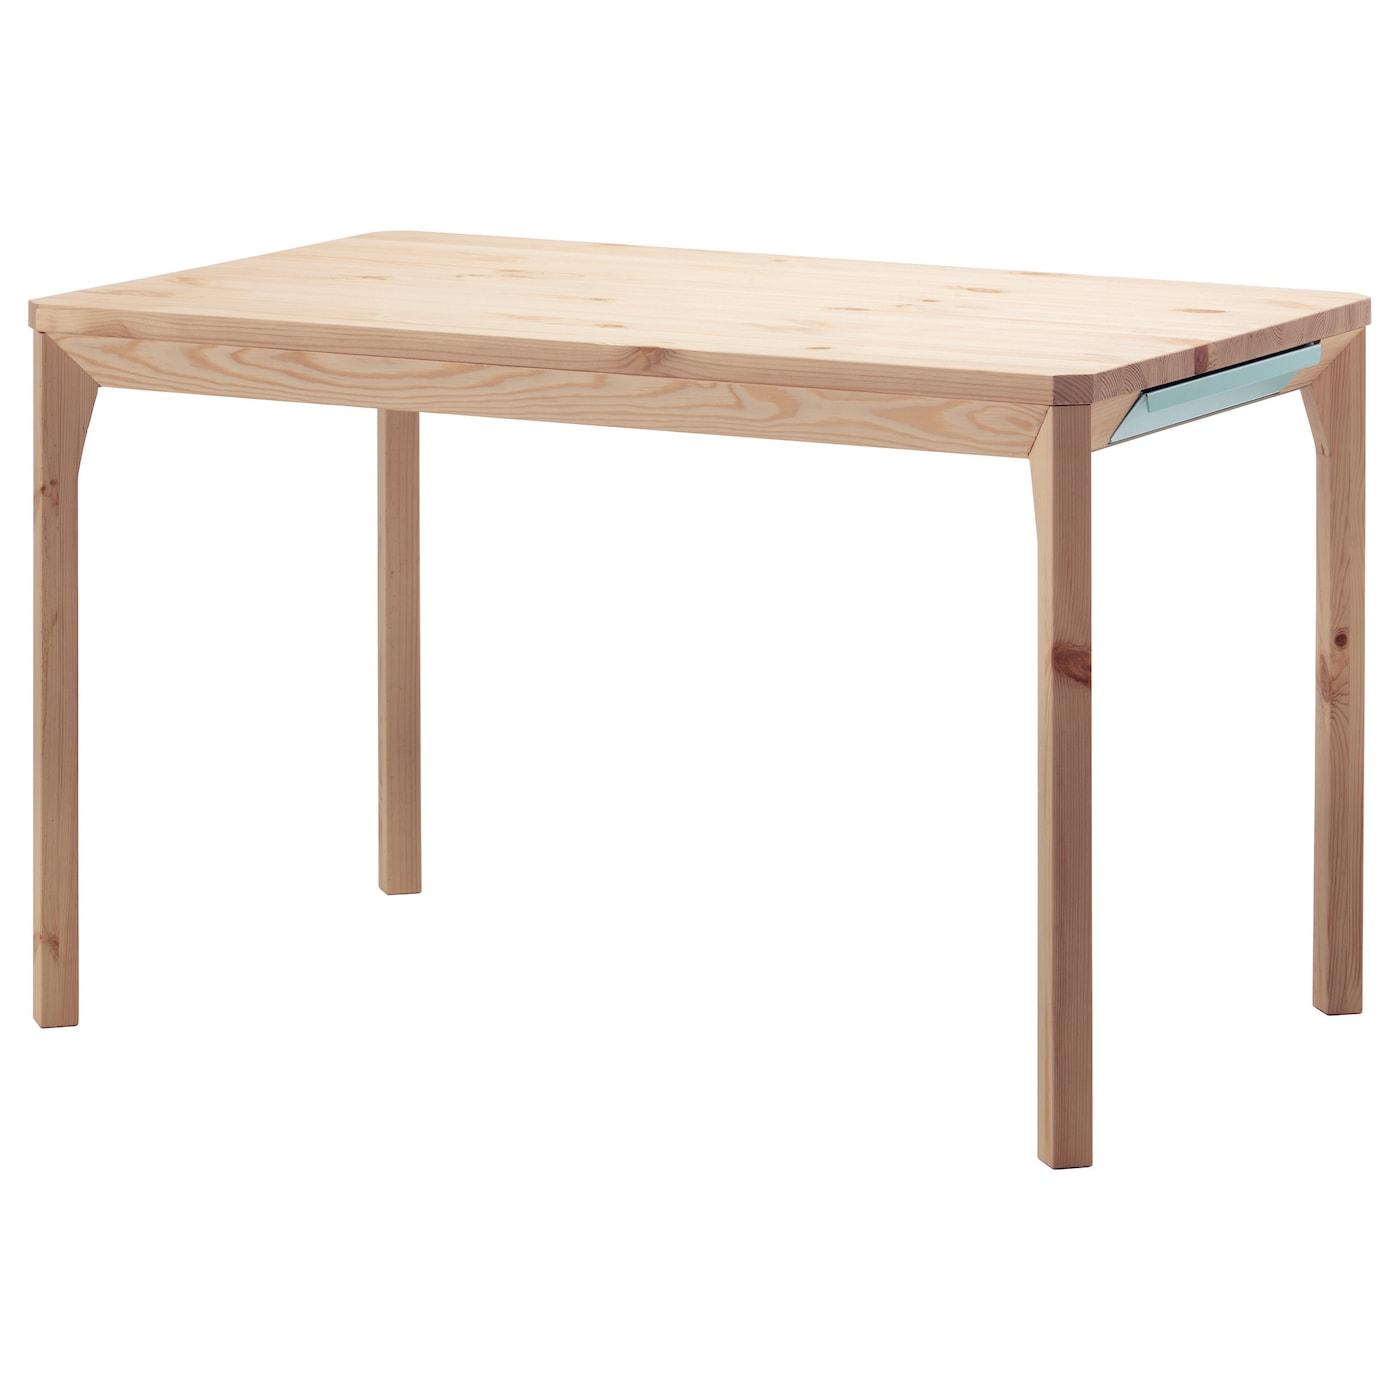 Eettafels ikea for Ikea tafels